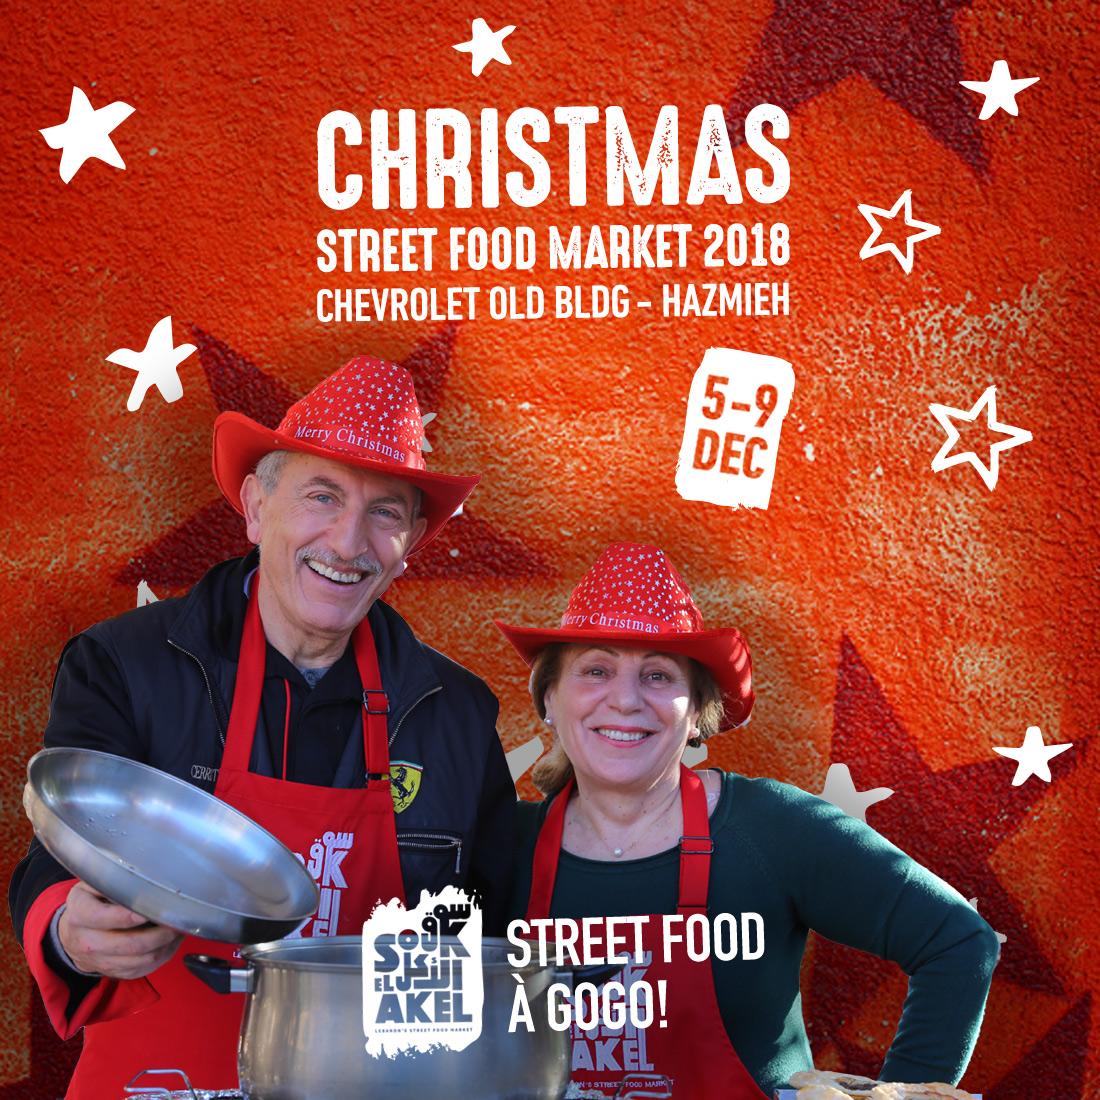 street-food-post2018-12-05-09-44-18